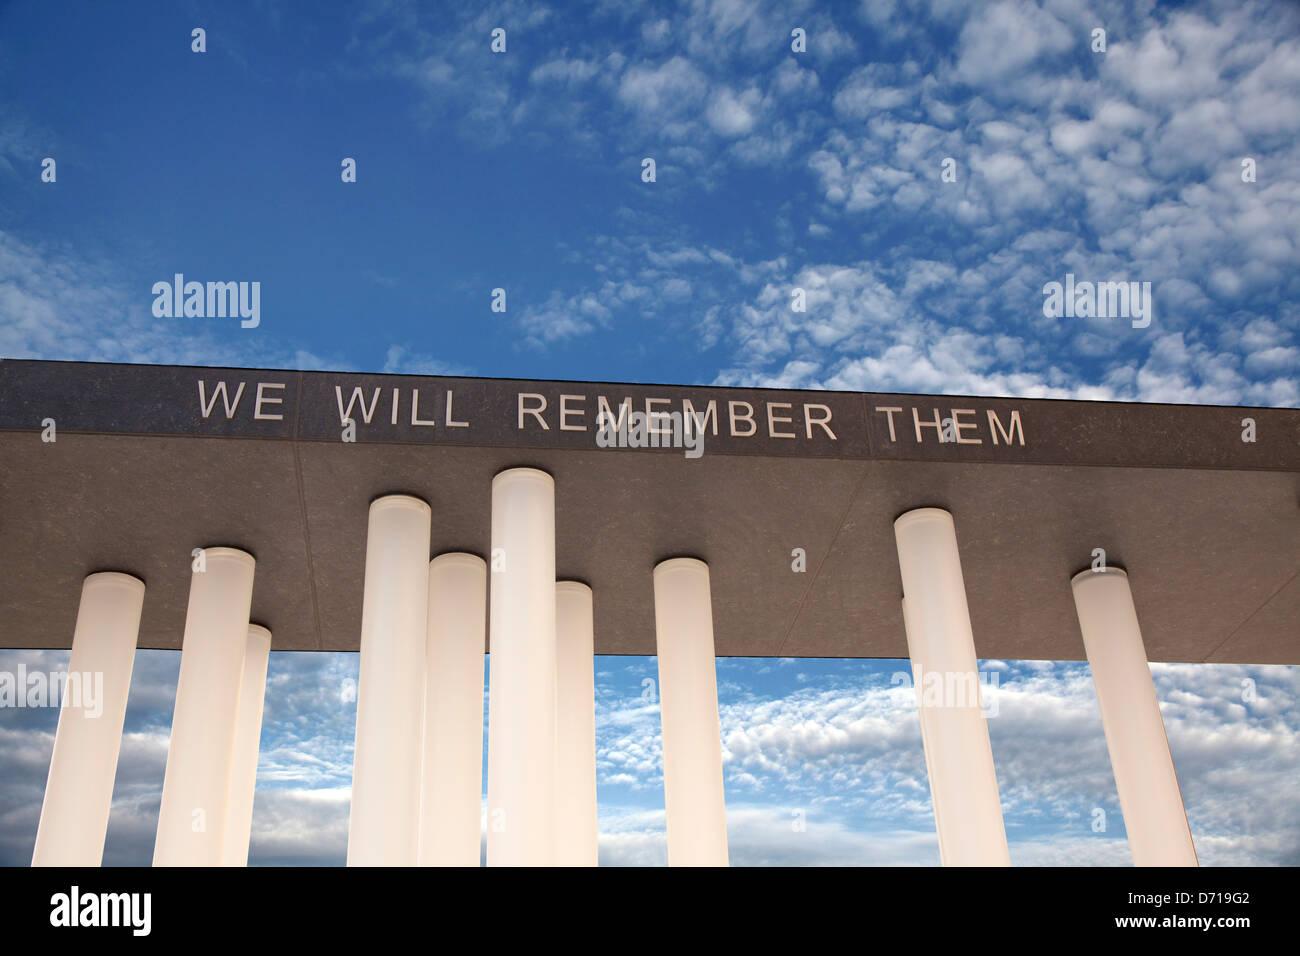 Wir werden sie nicht vergessen. Stockbild